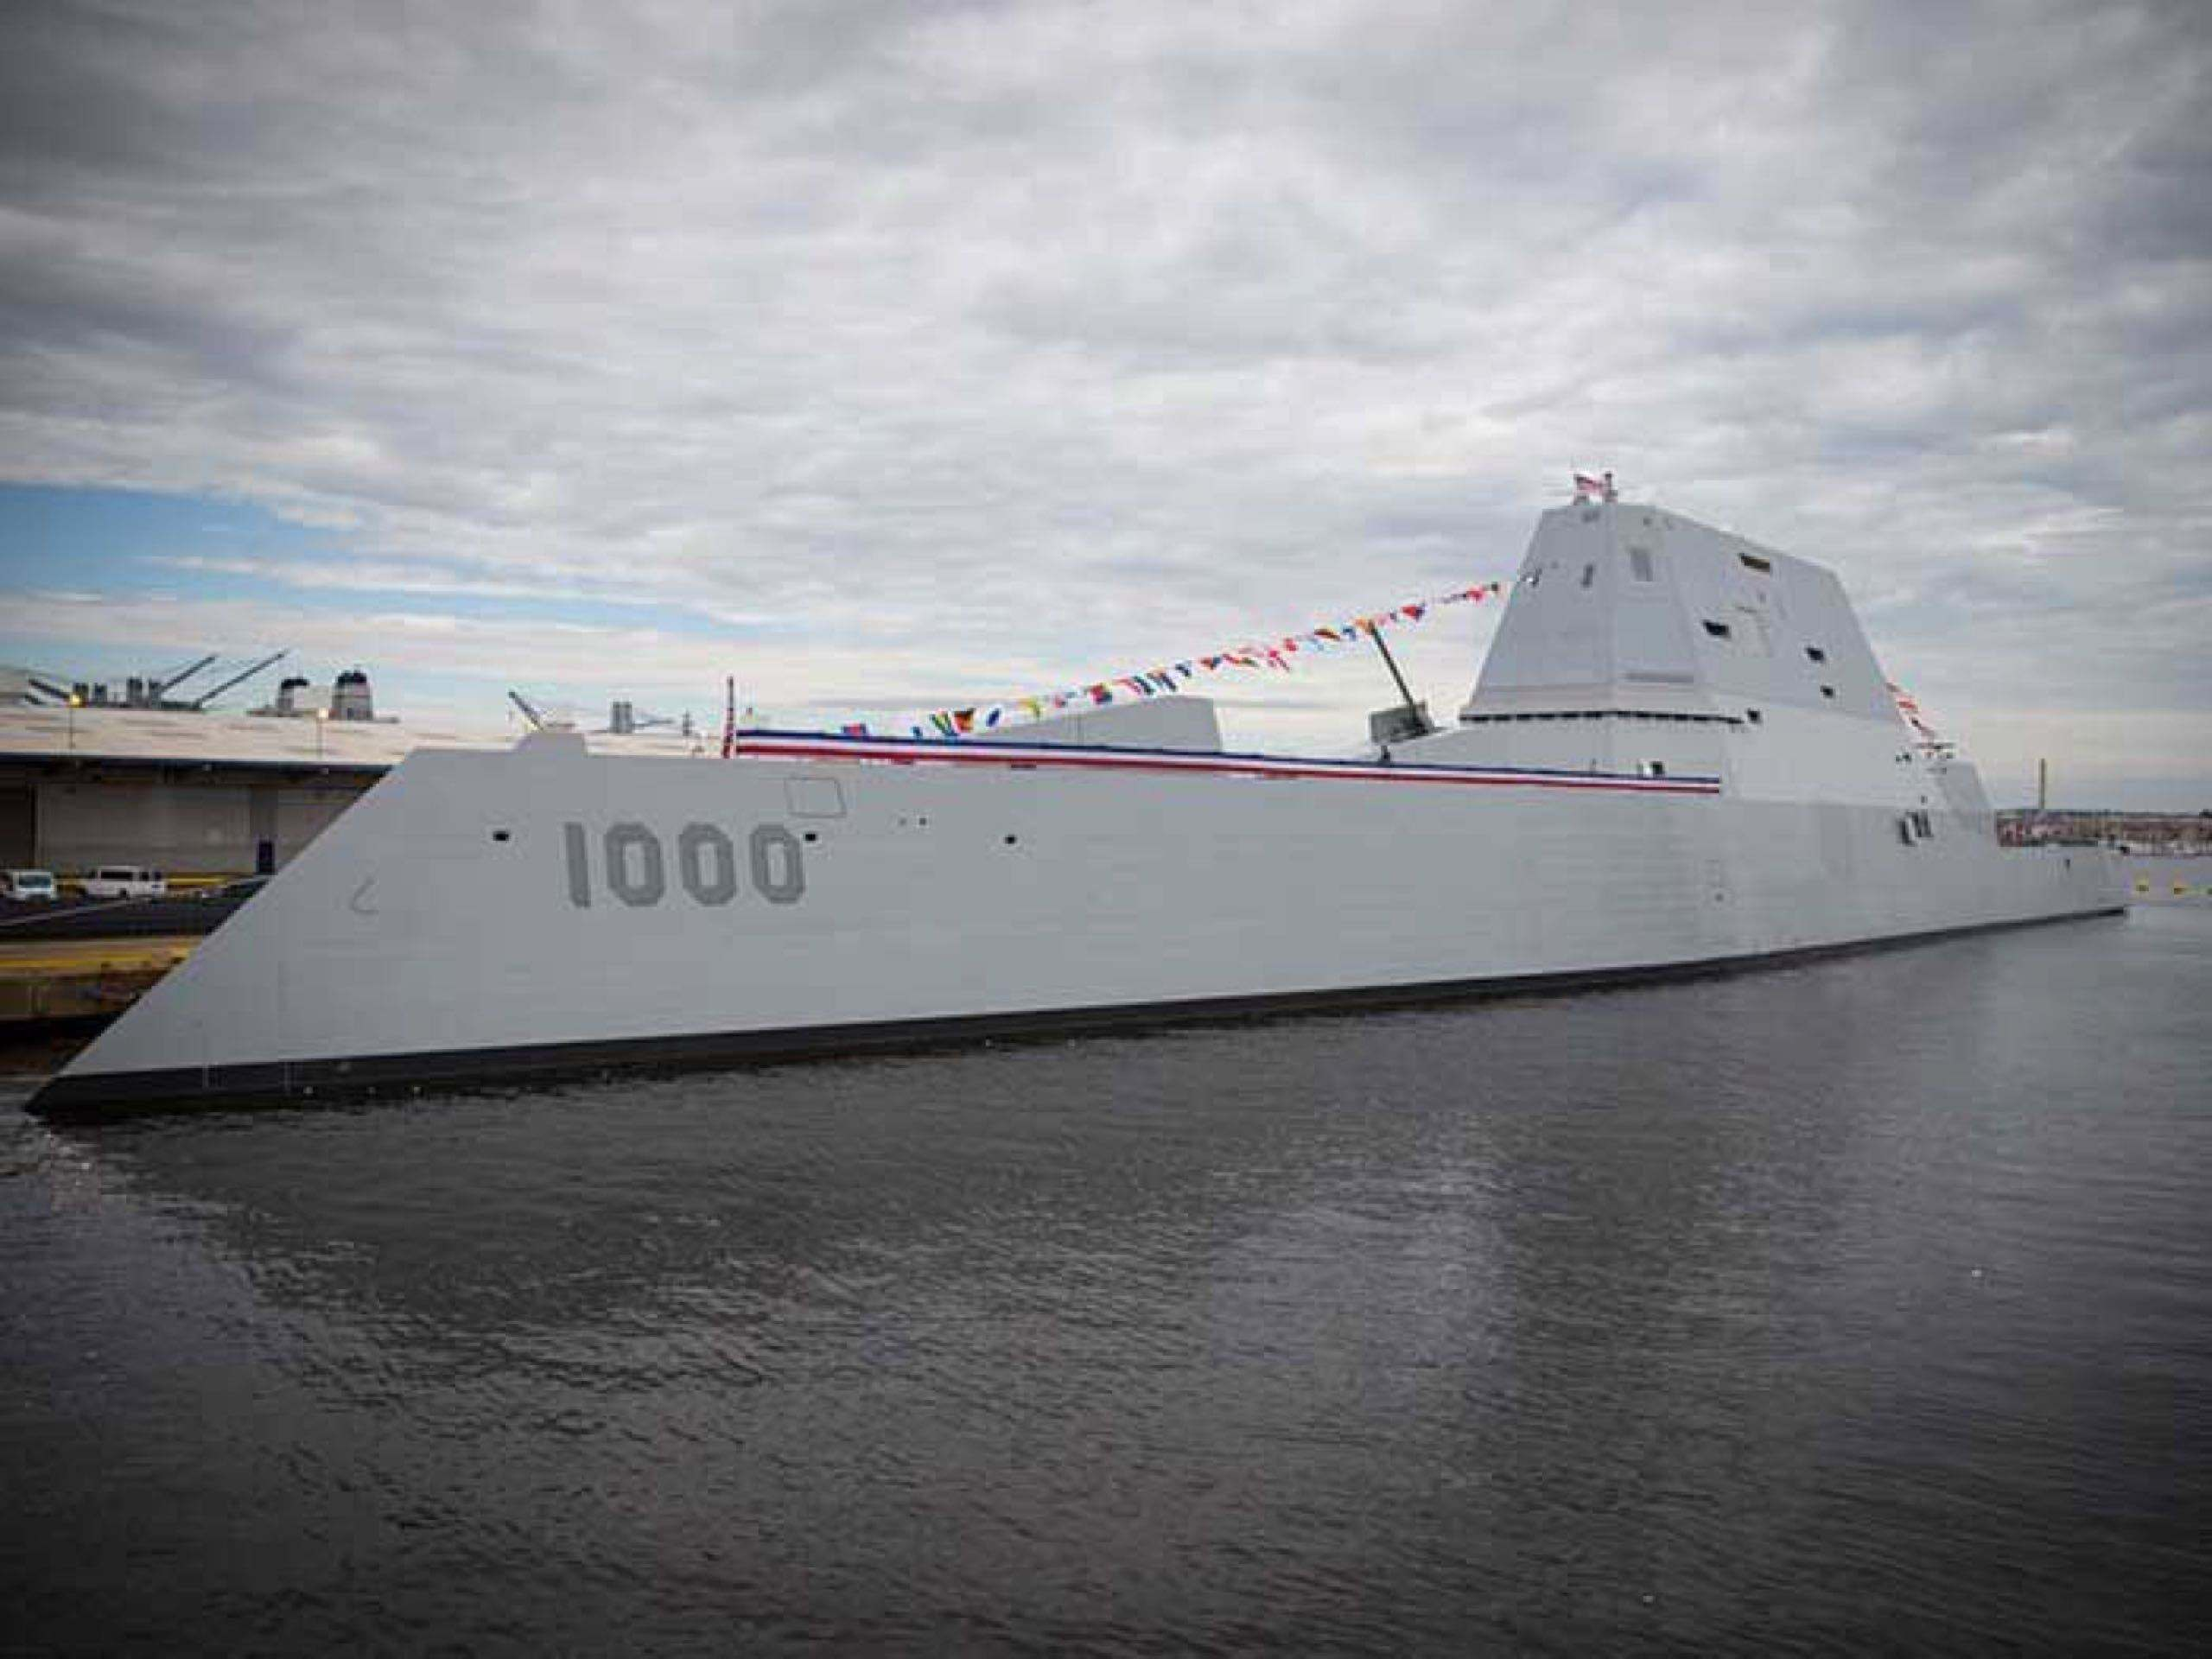 全面隐身设计性能强劲,近海作战的万吨巨舰,美军黑科技集中体现